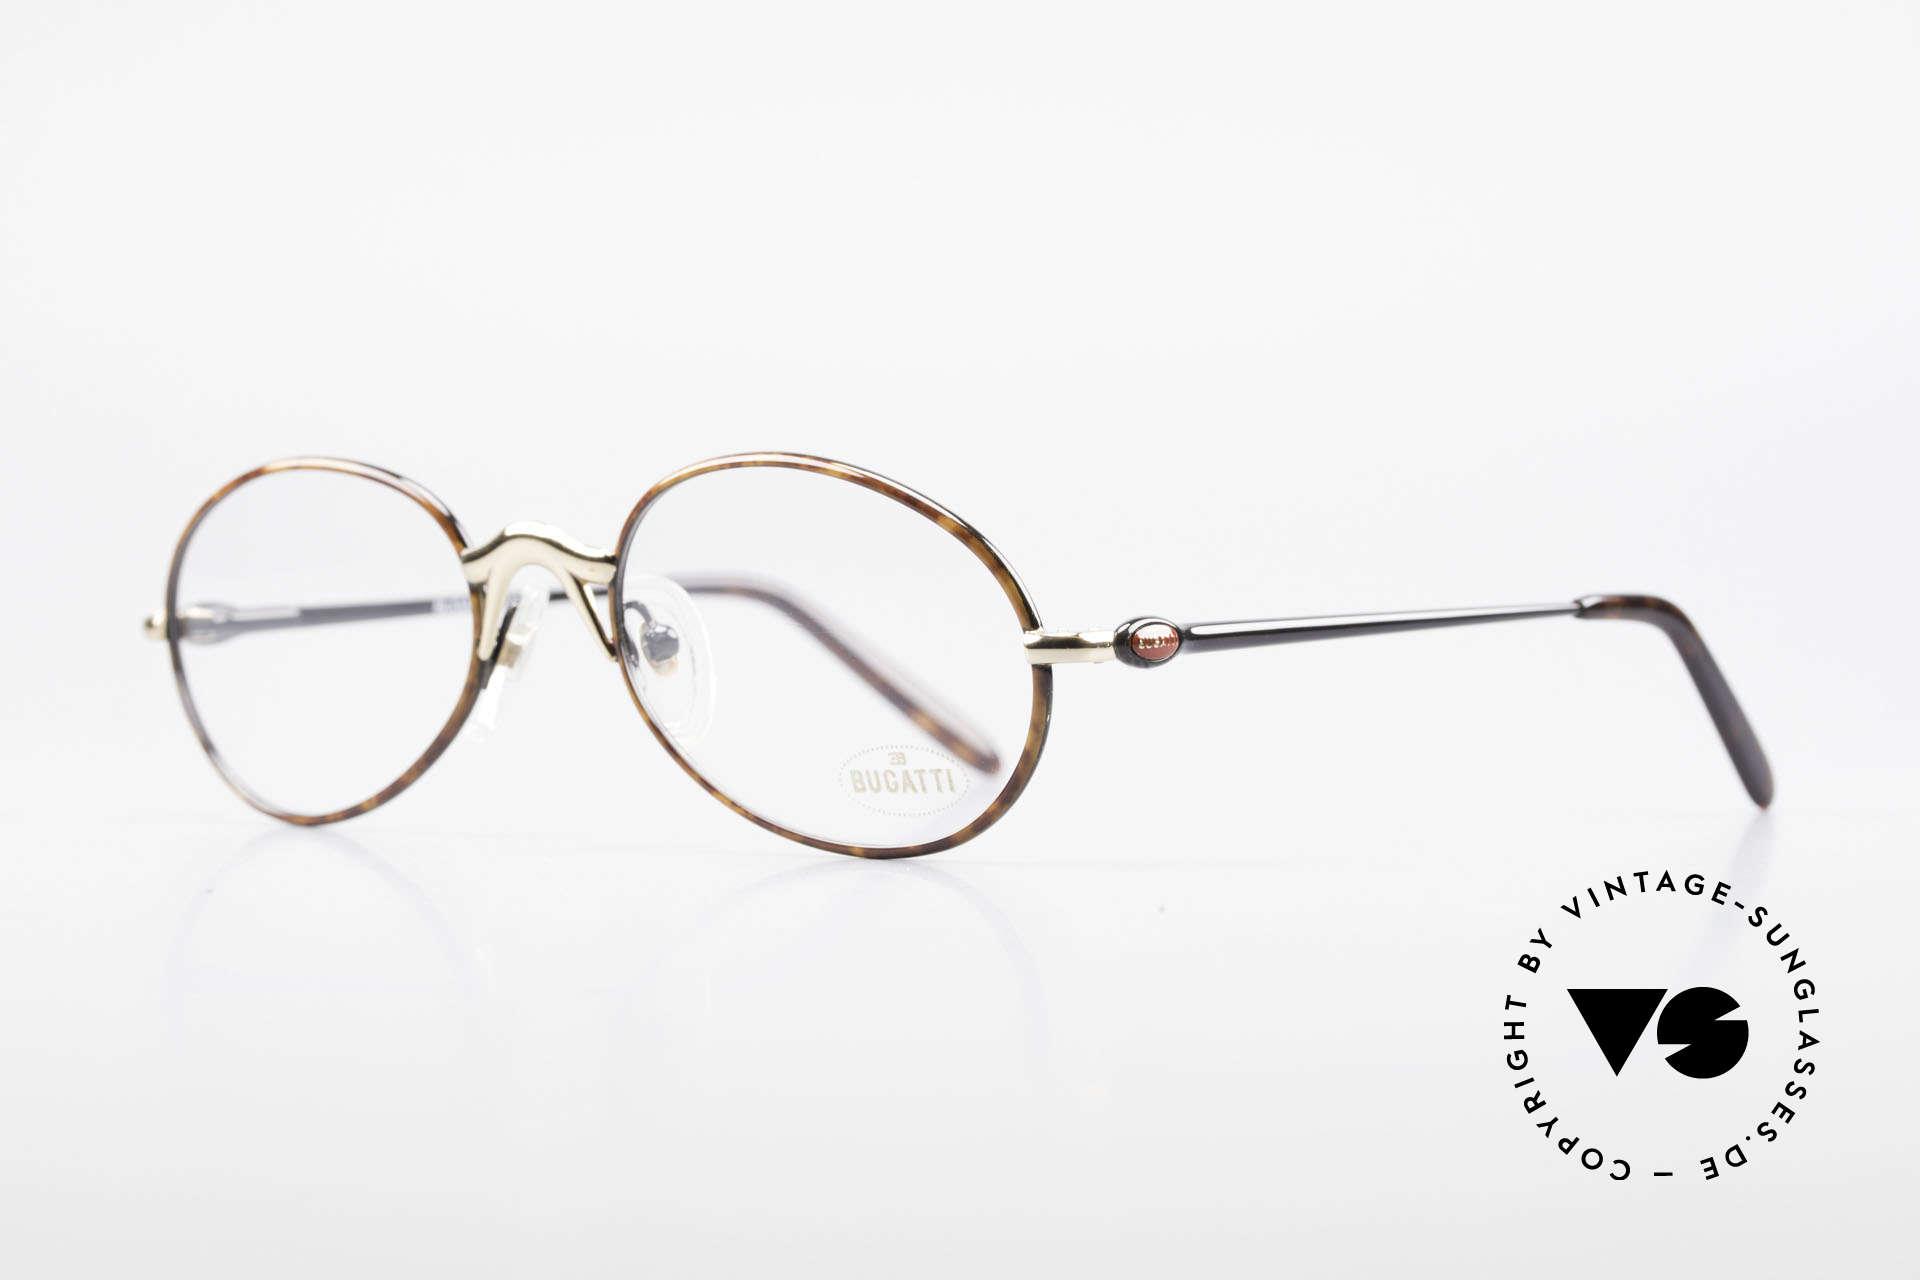 Bugatti 22157 Rare Ovale 90er Vintage Brille, beste Materialien in erstklassiger Verarbeitung, Passend für Herren und Damen